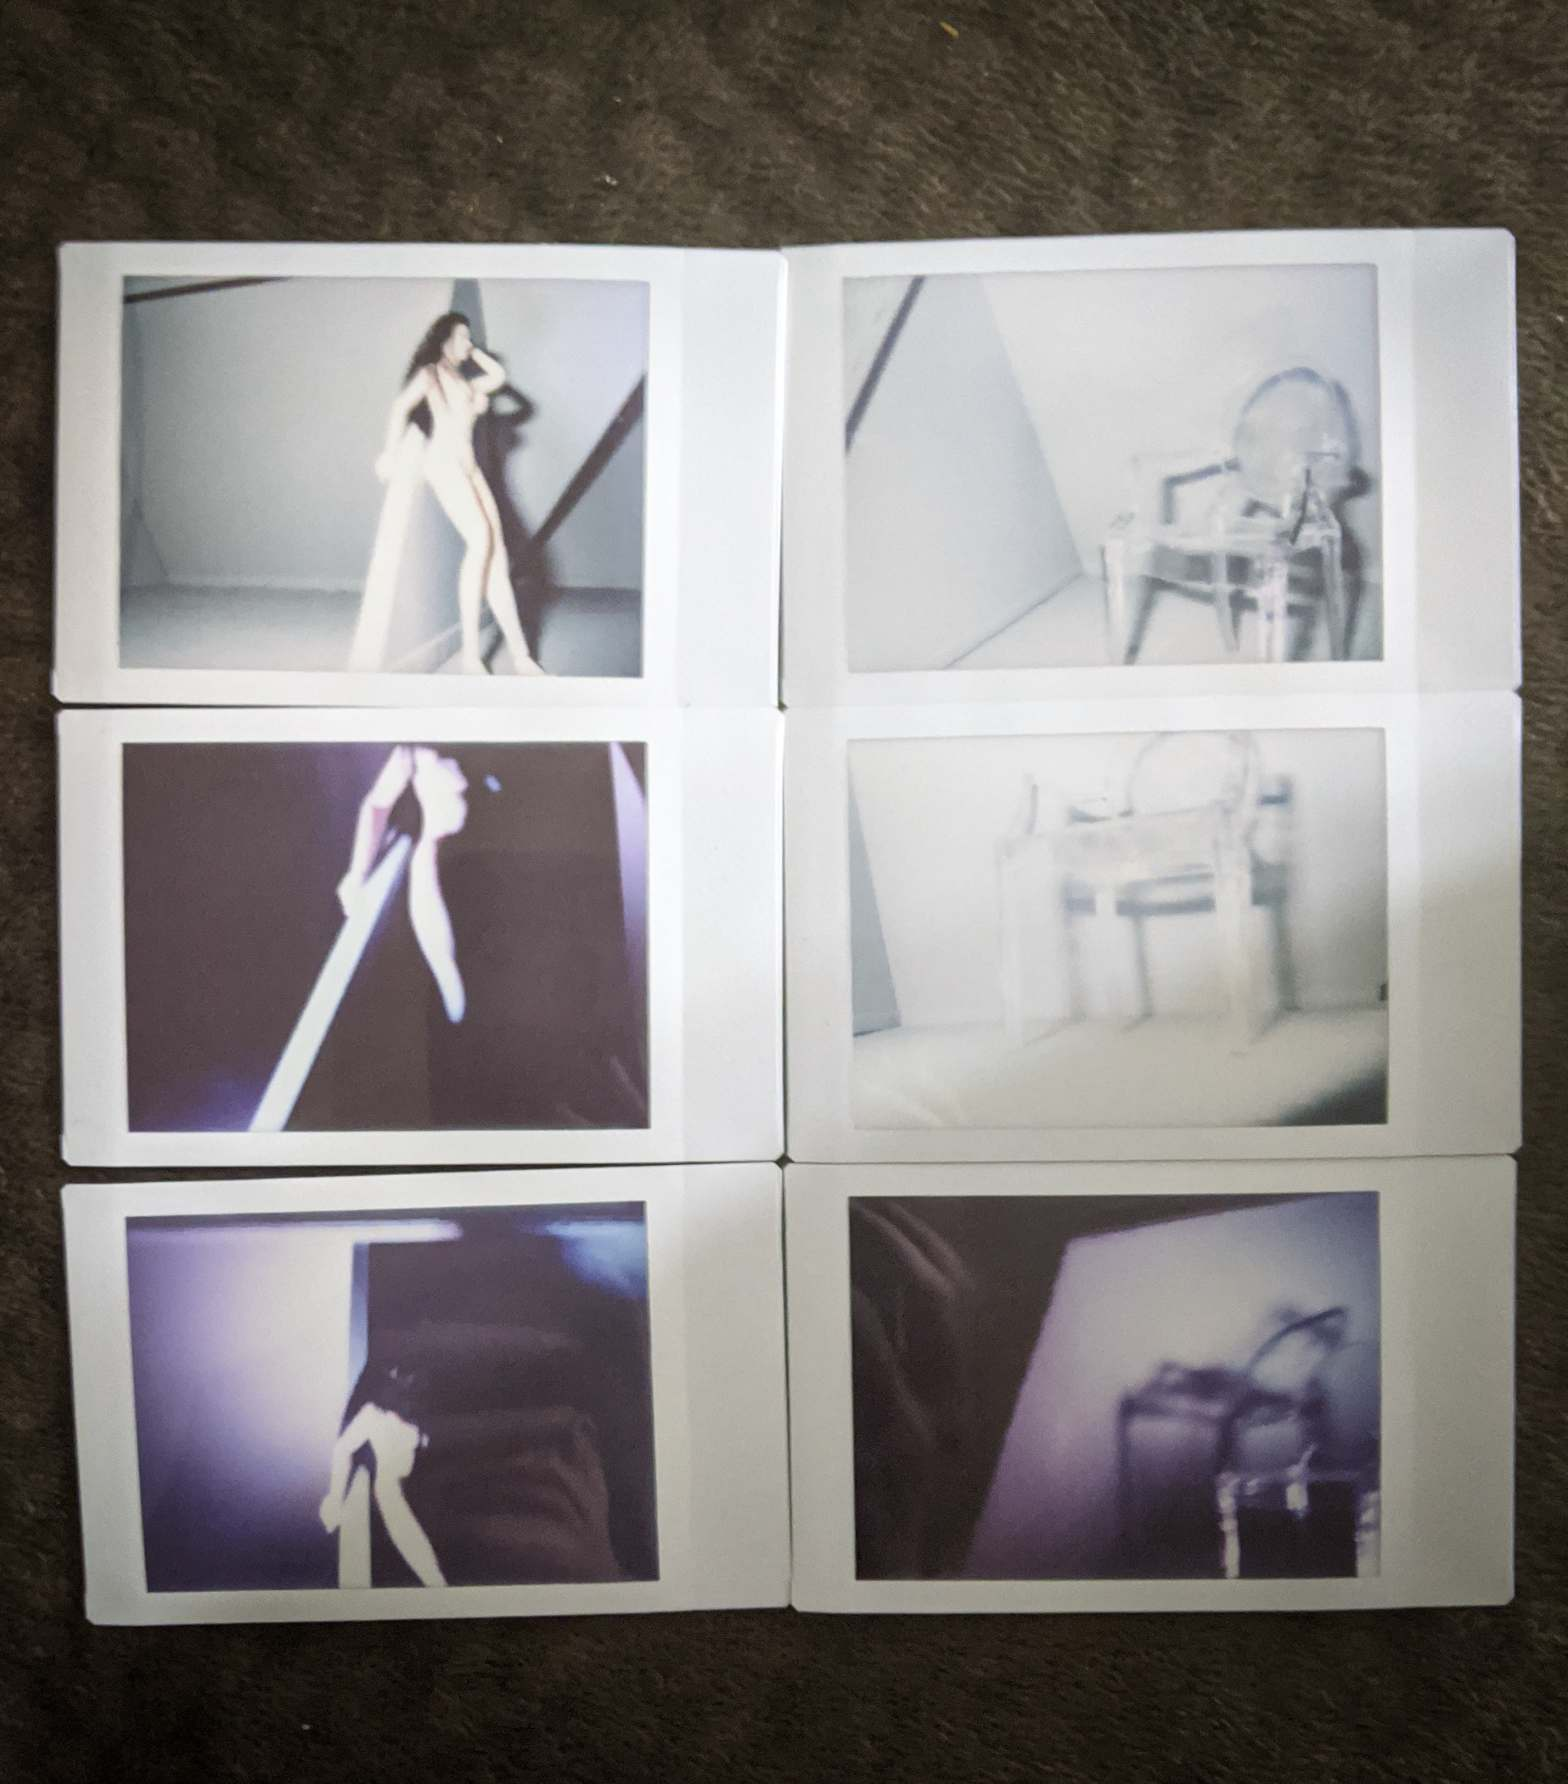 6 Fujifilm Instax Mini 90 Neoclassic toy photos by Tourmaline .